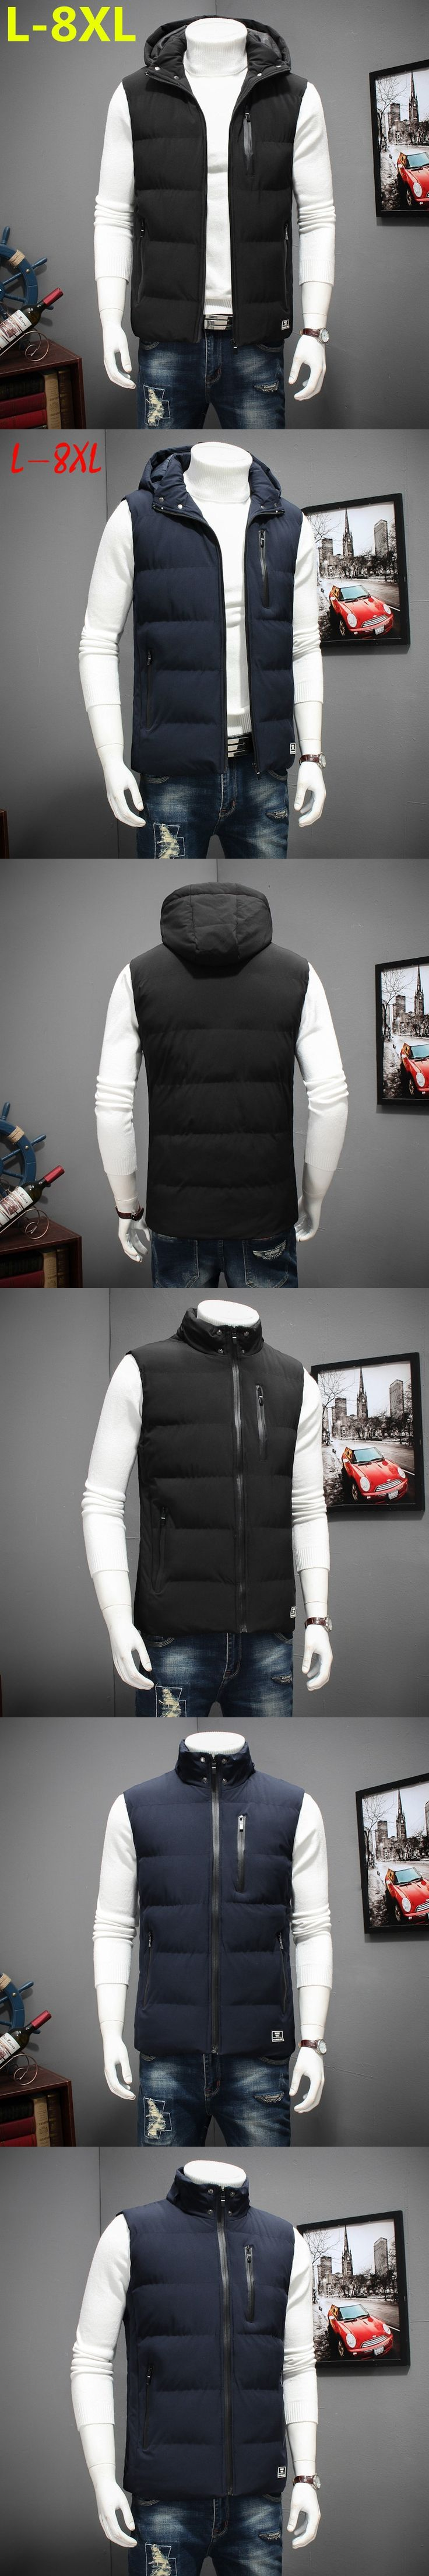 Plus la taille 8XL 7XL 2017 nouvelle Hommes de coton de hiver Hommes mode gilet grands chantiers occasionnels chaud de vestes